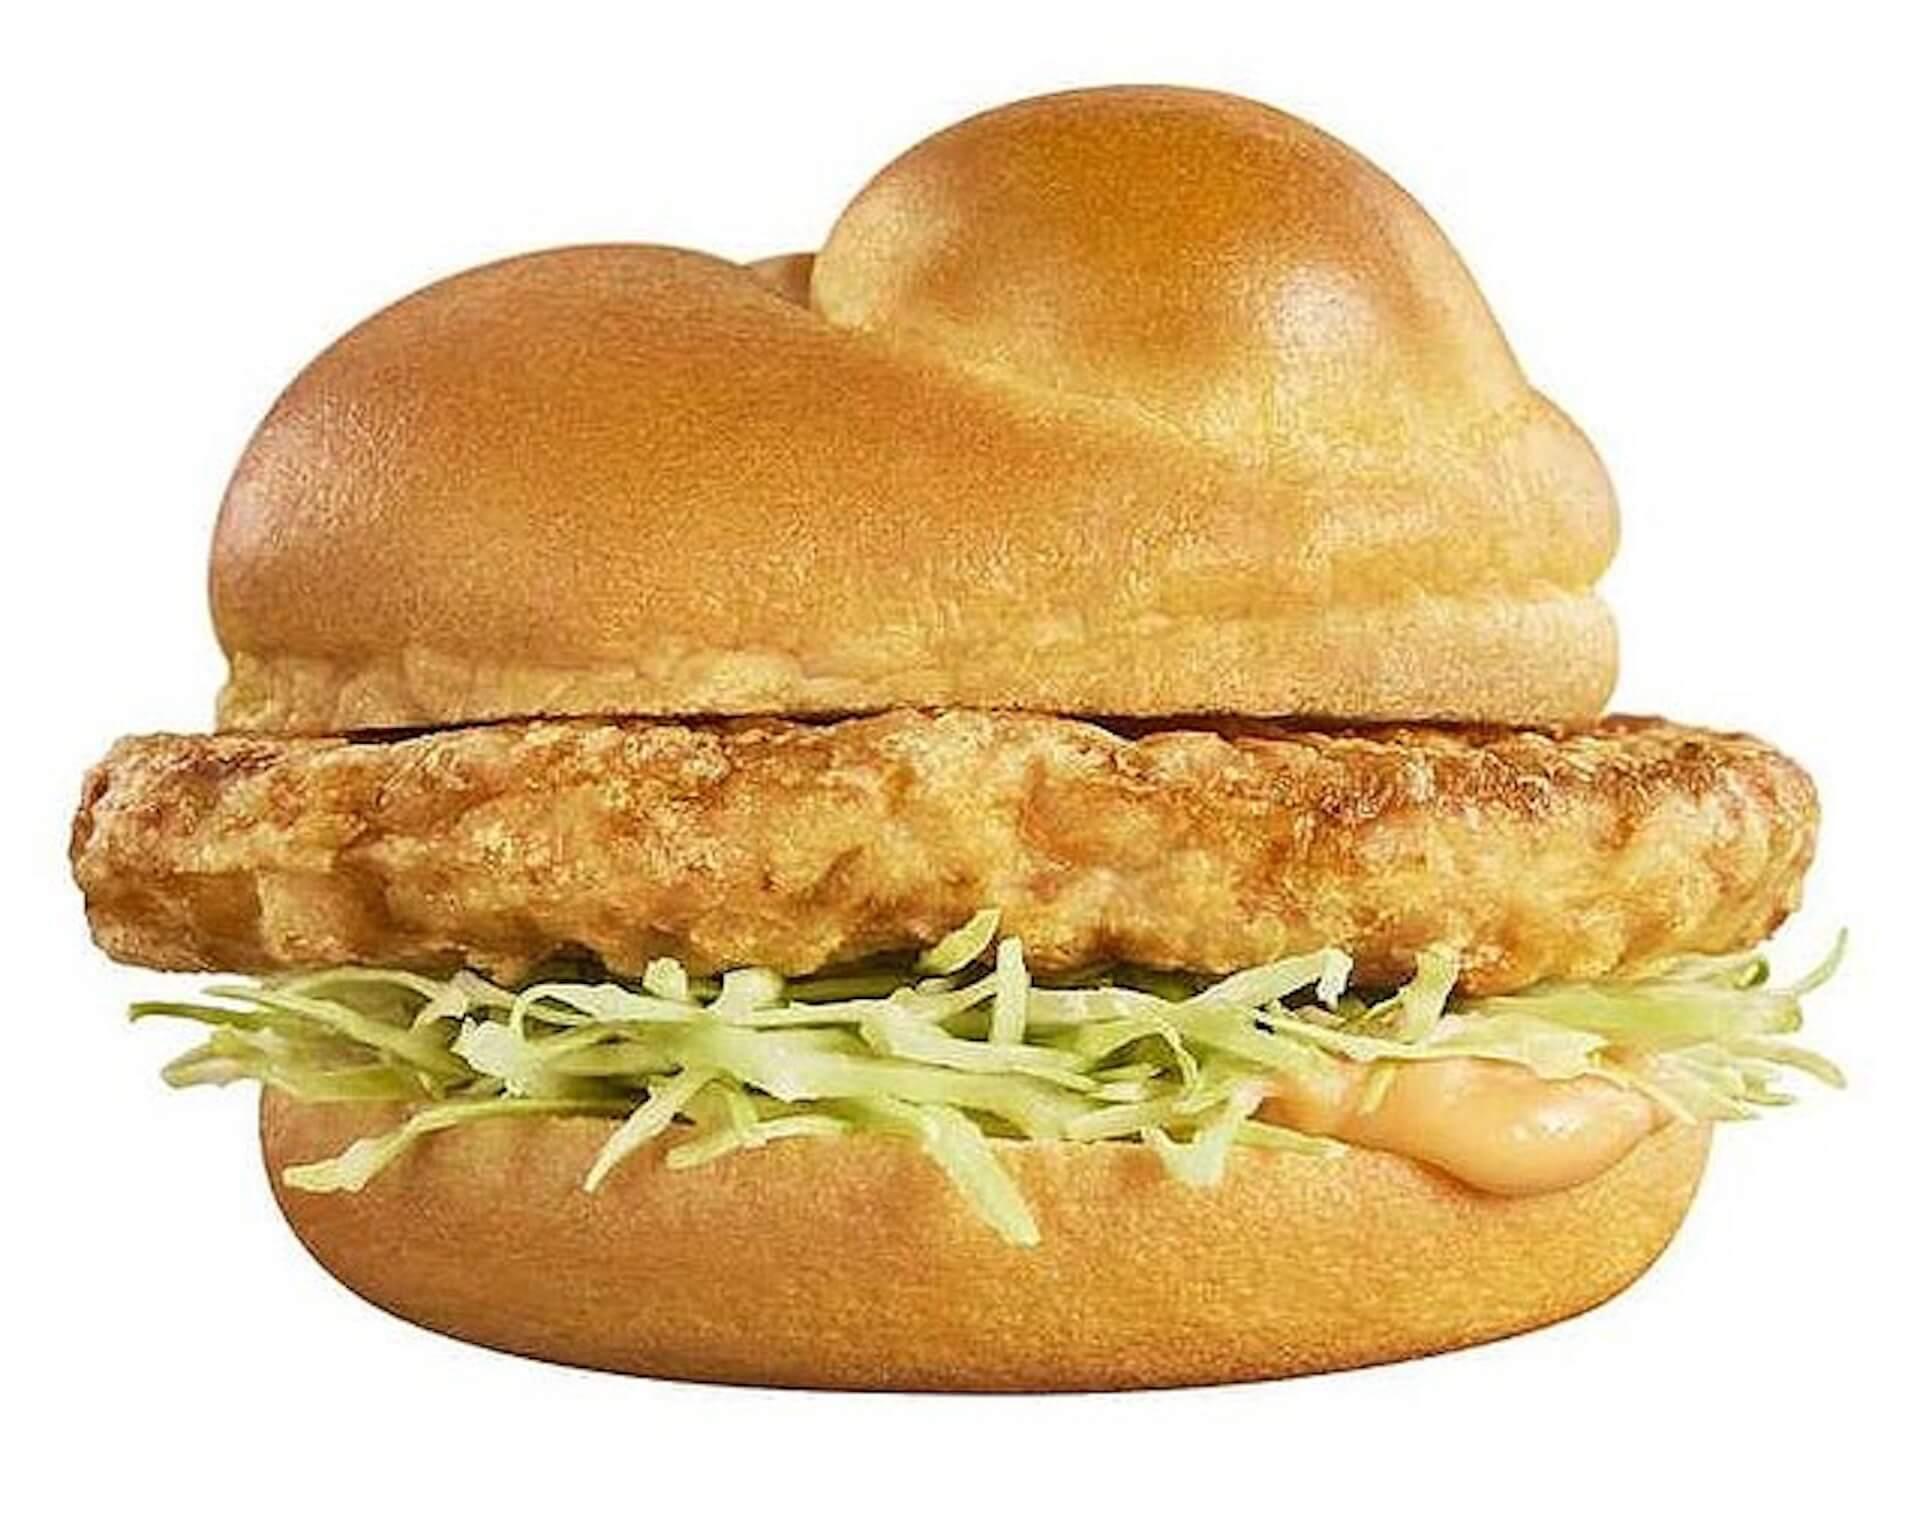 マクドナルドの限定定番商品「チキンタツタ」がついに本日発売!新商品も登場&2,000円分のマックカードが当たるキャンペーンも gourmet200513_mcdonald_3